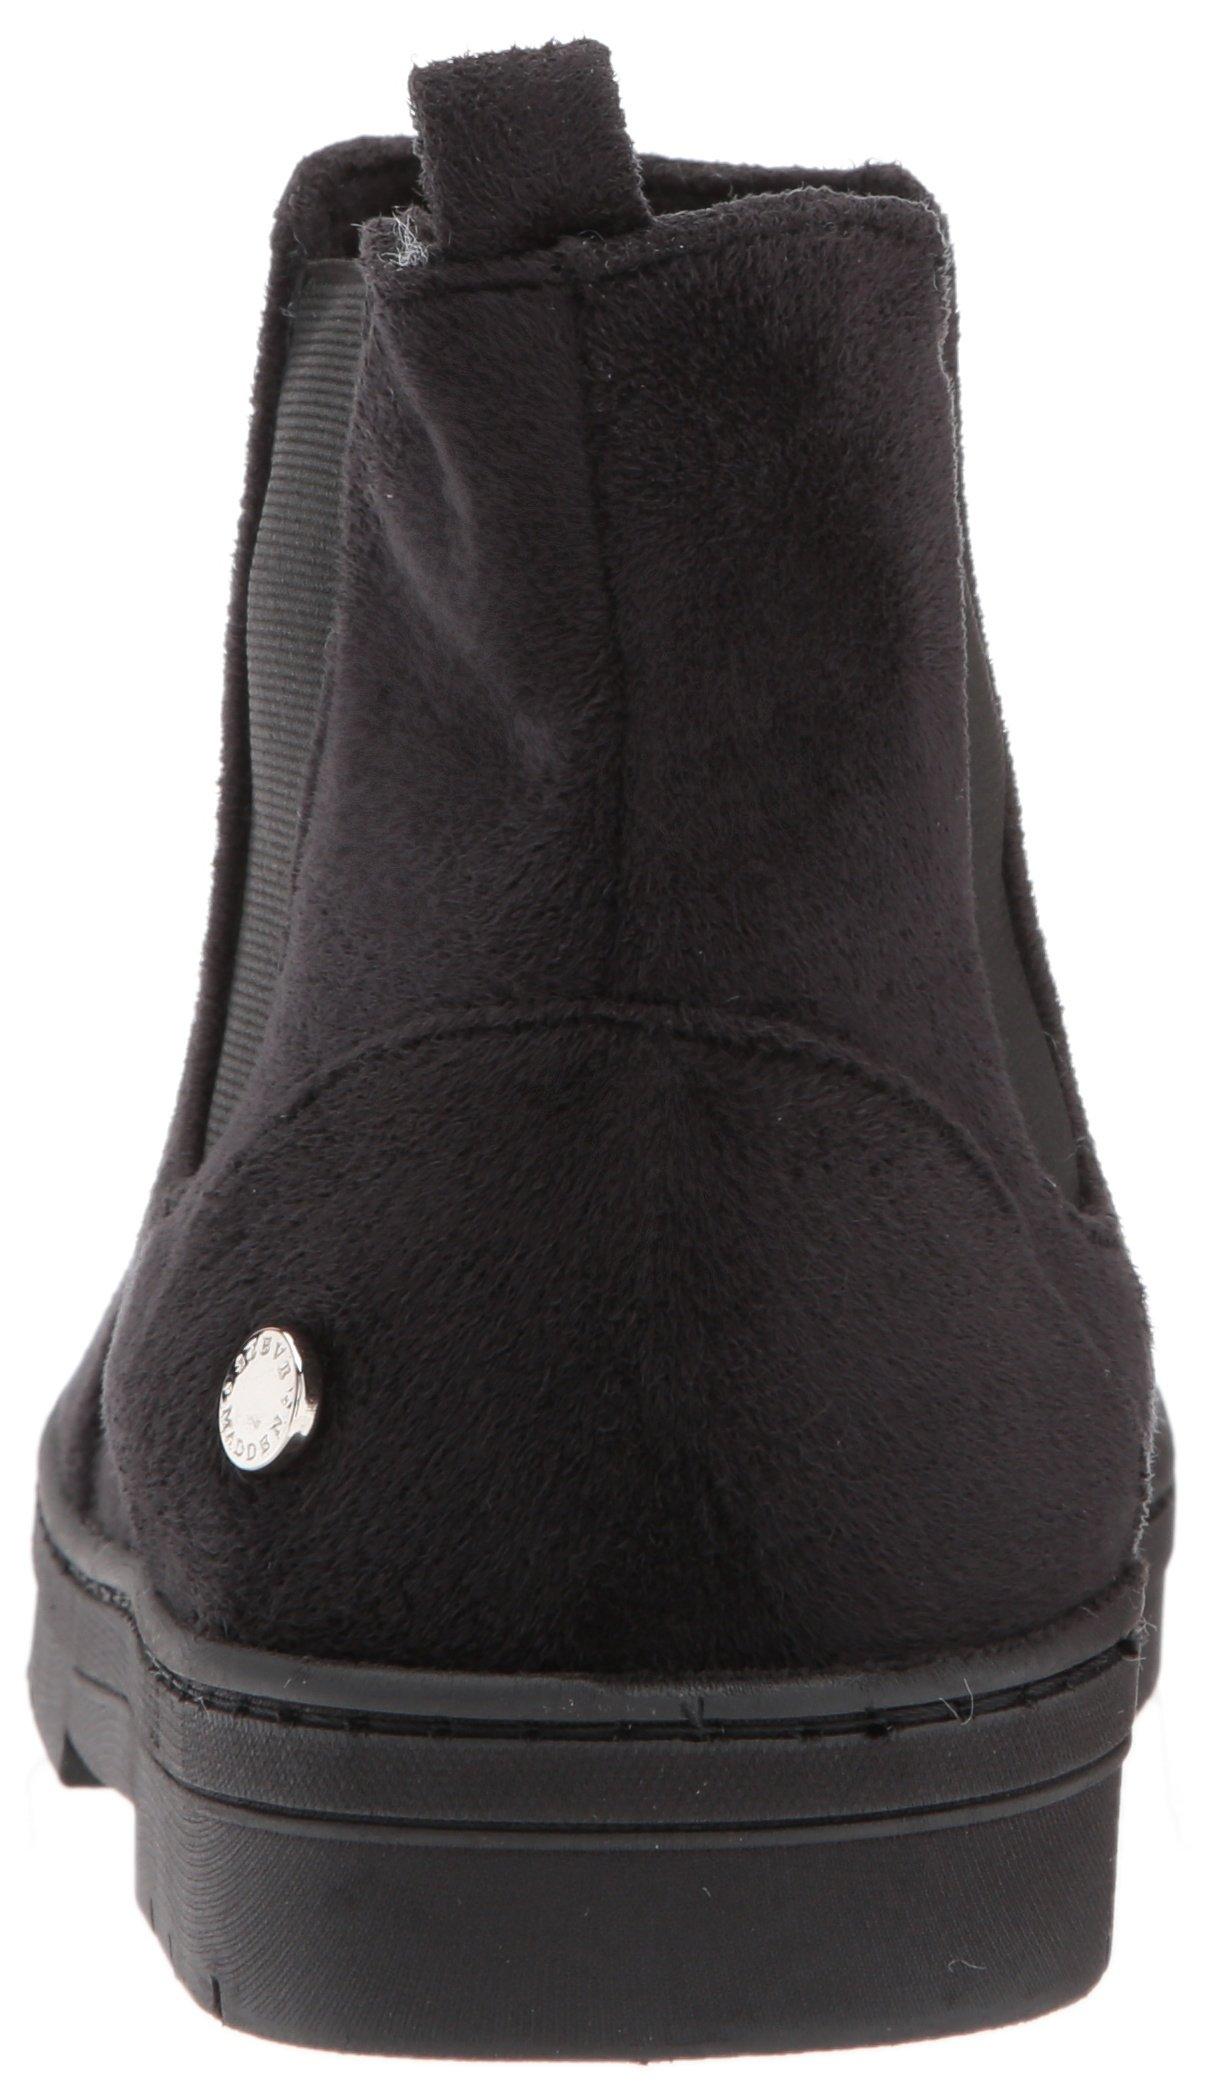 Steve Madden Men's Pclinton Slipper, Black, 9 M US by Steve Madden (Image #2)